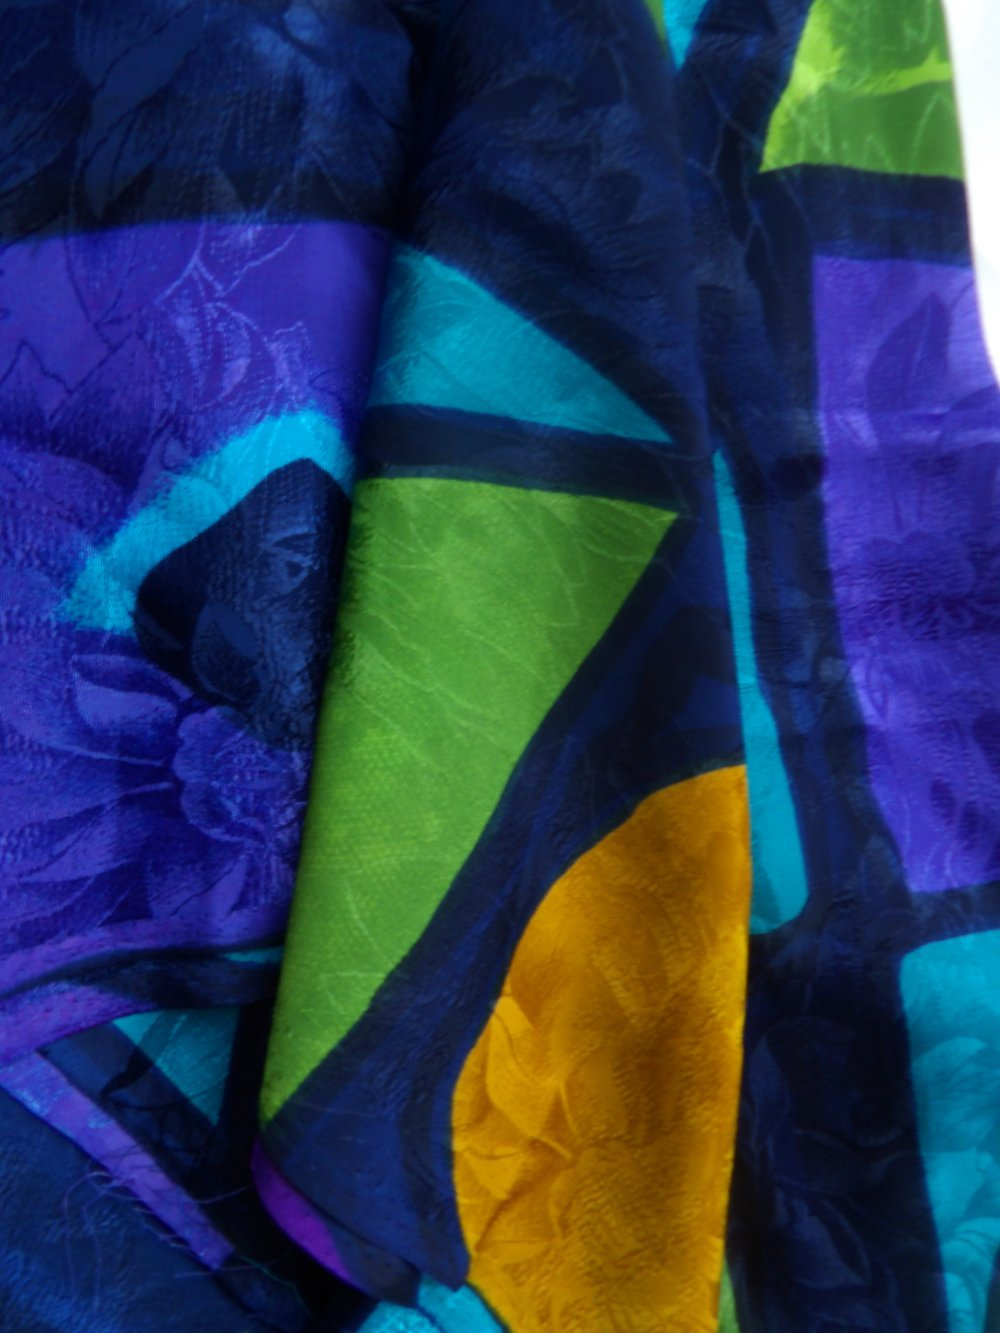 Coupon de 90CM +10cm de soie imprimé géométrique multicolore